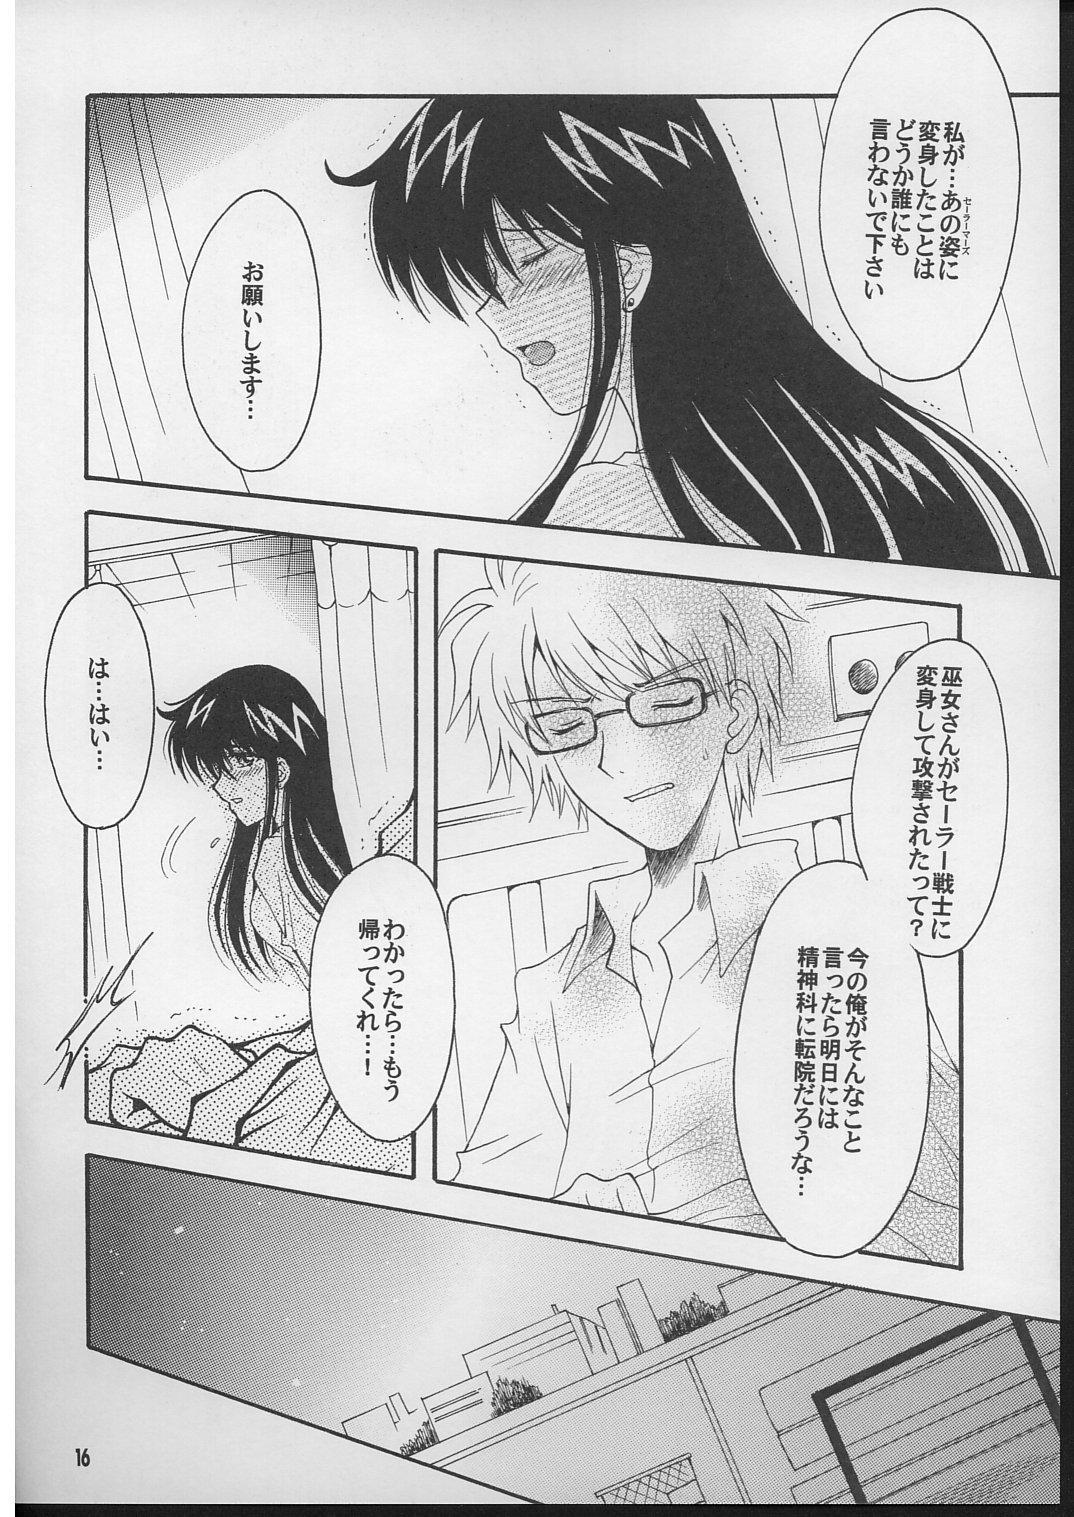 Boku no kanojyo wa Sailor Senshi 2 14